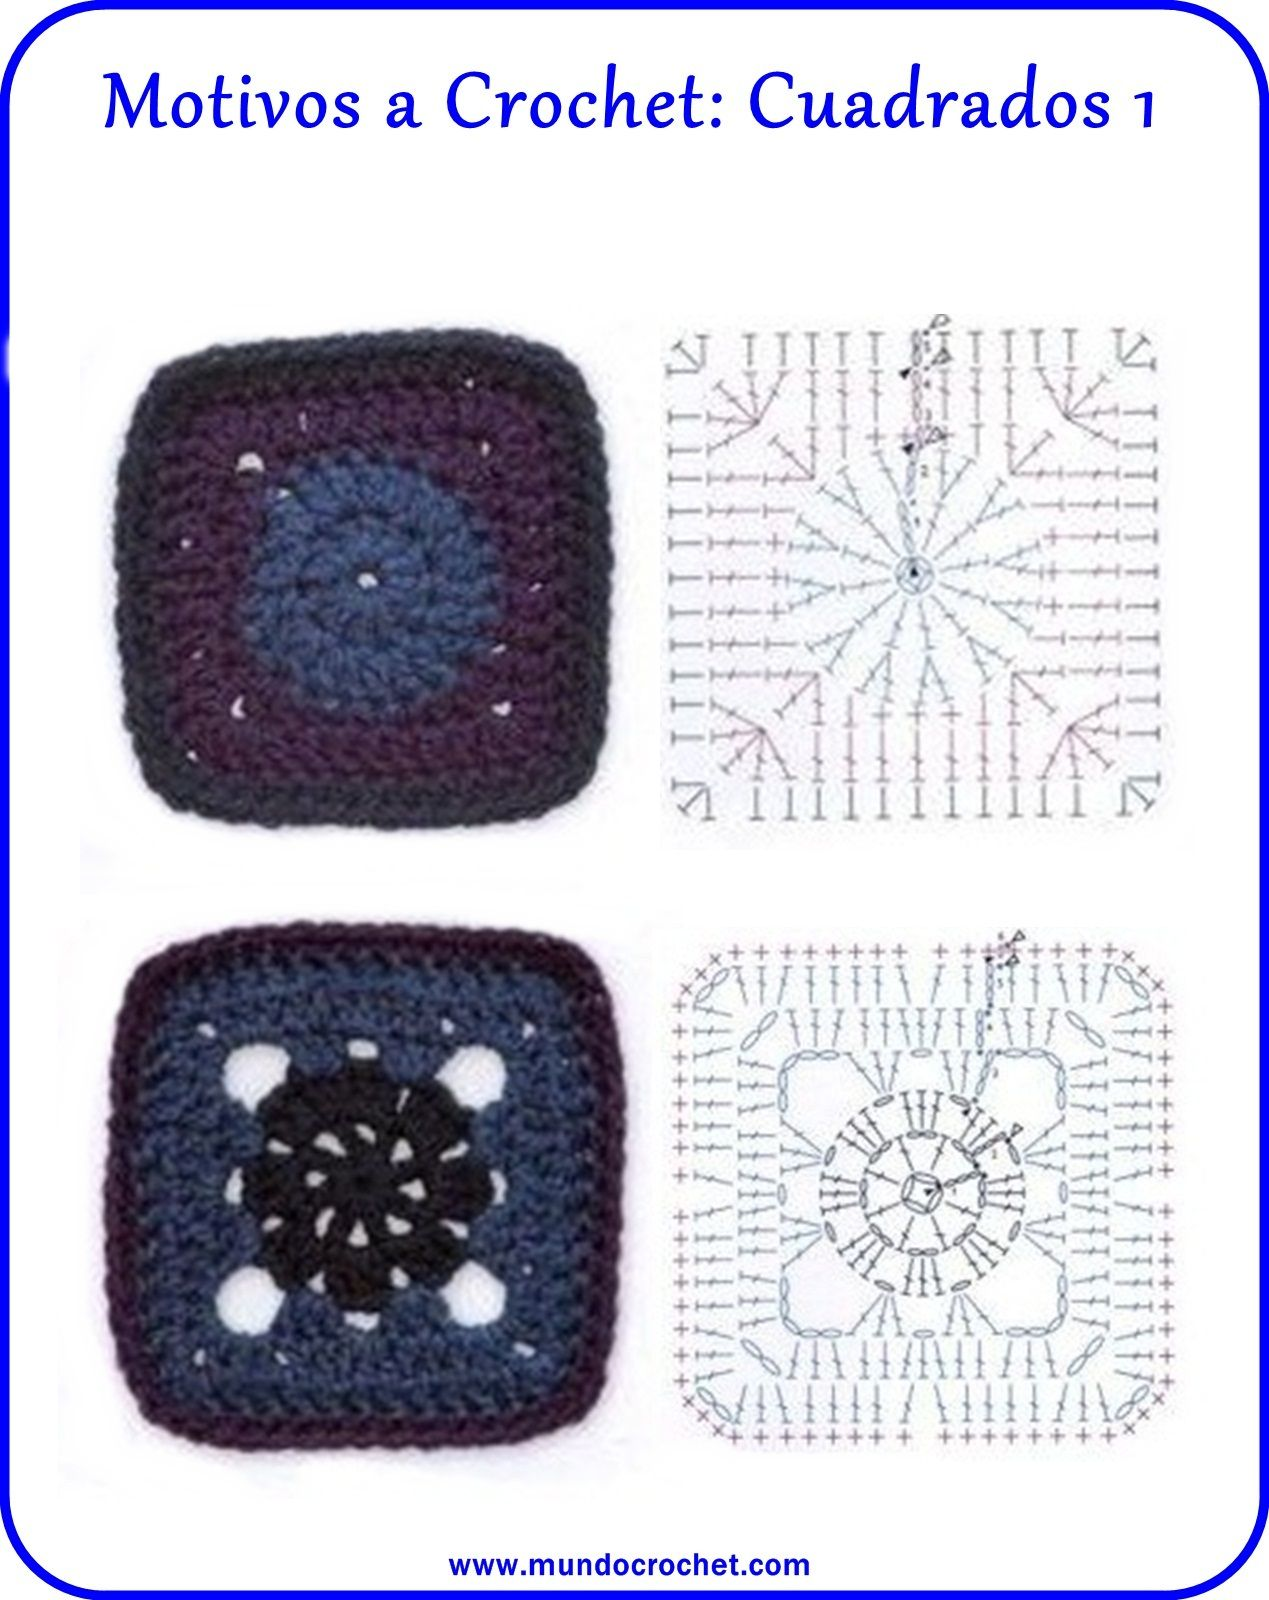 motivos cuadrados crochet   Crochet square   Pinterest   Cuadrados ...